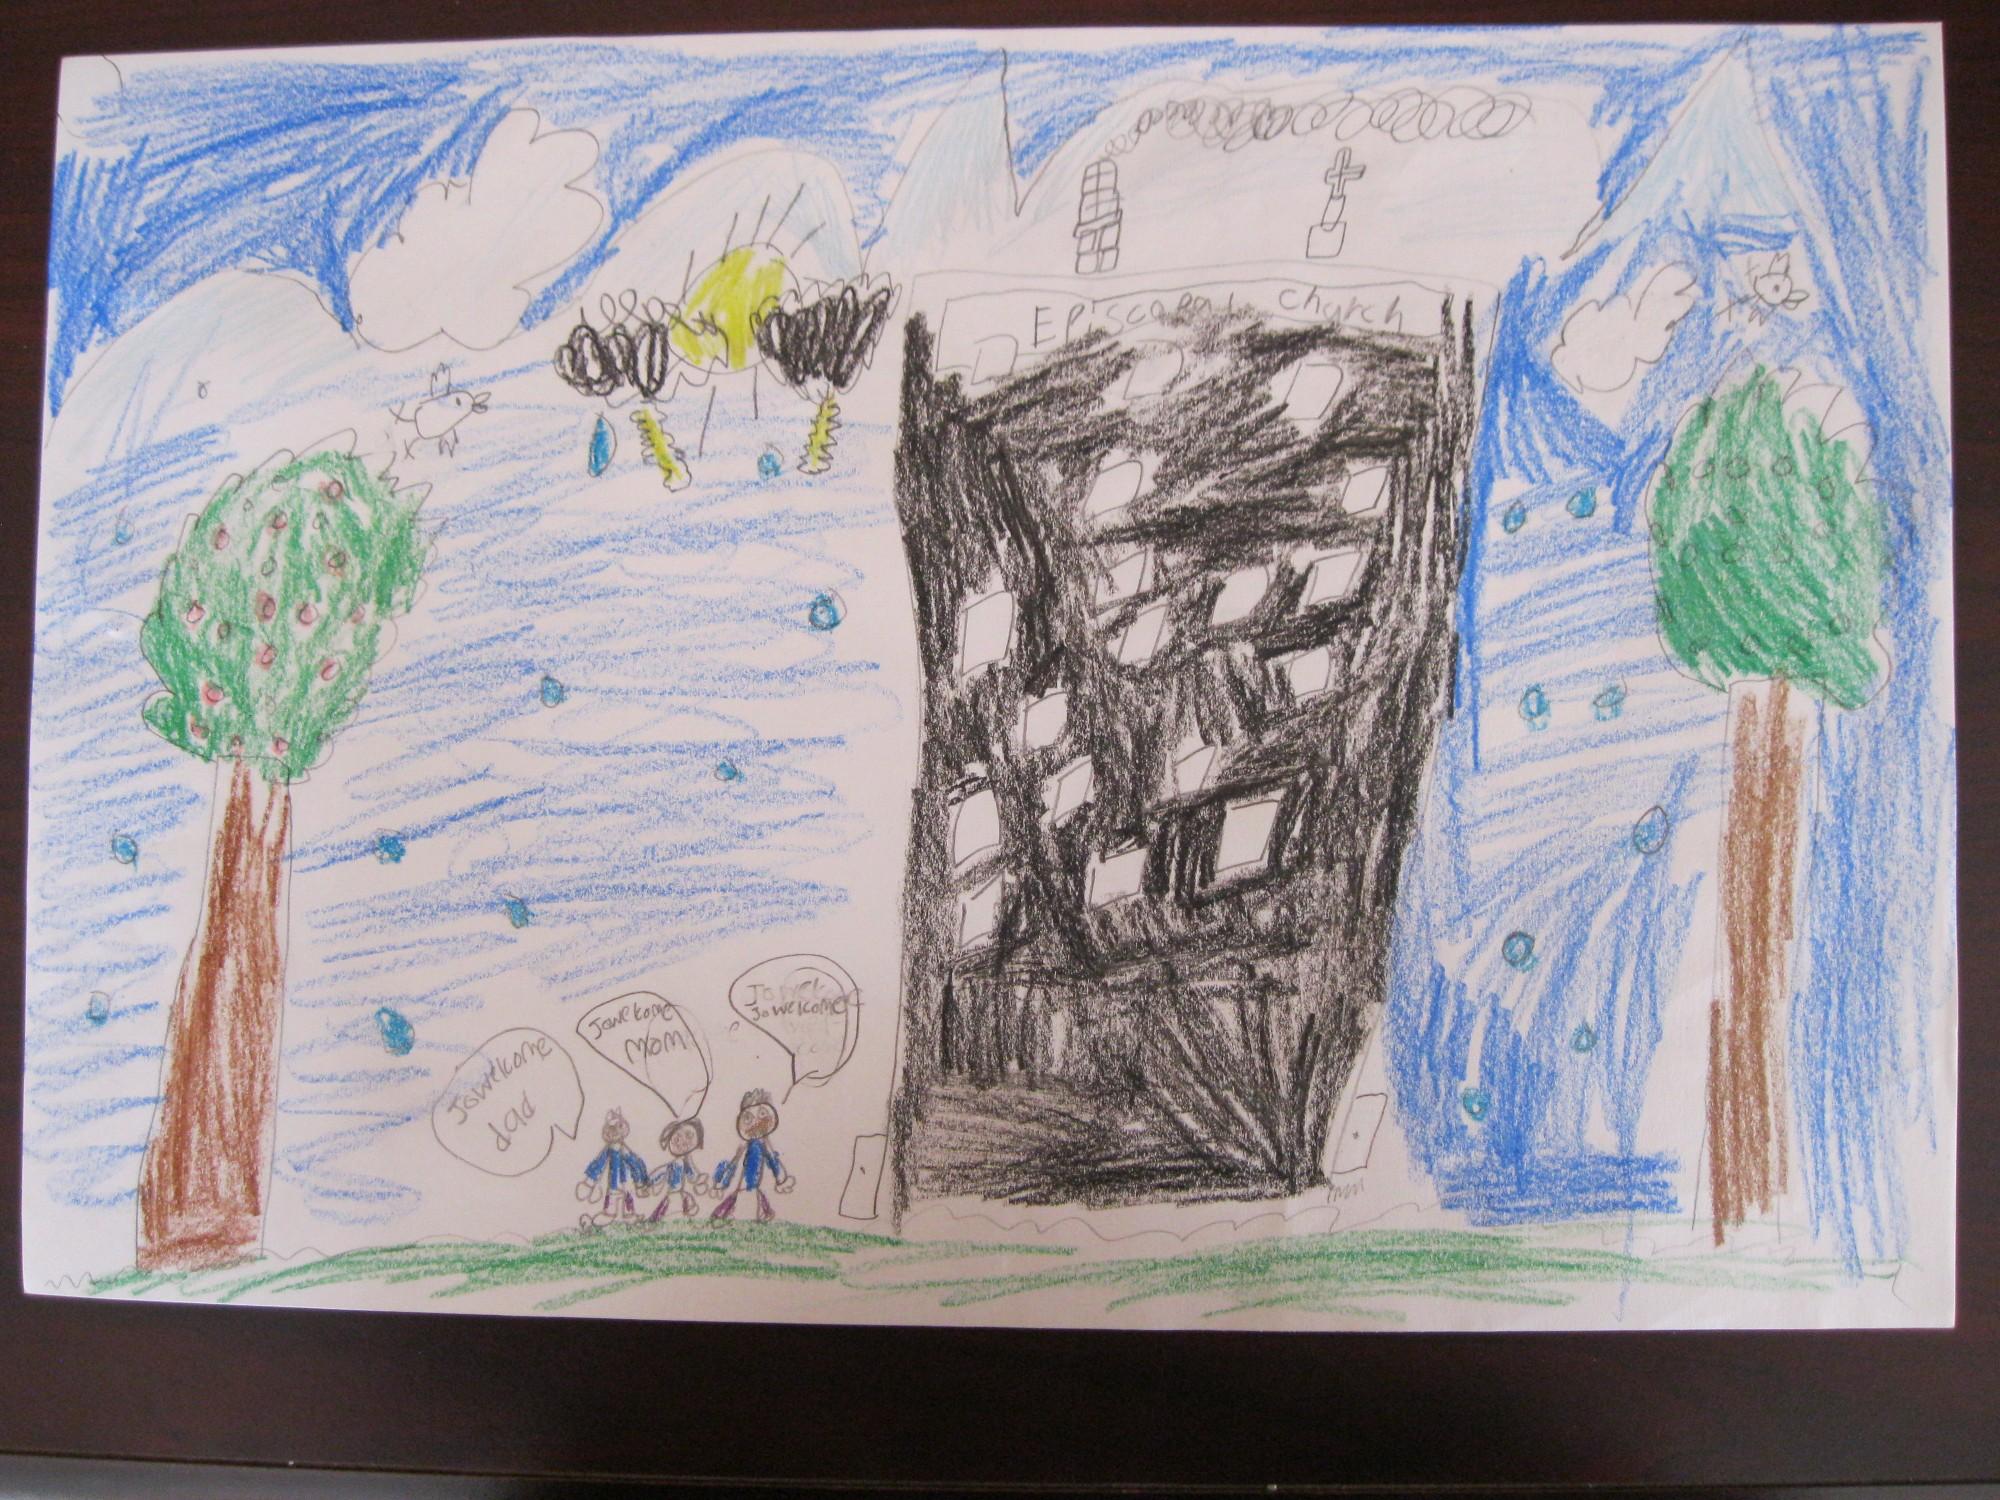 Bowen Chappell, 1st Grade